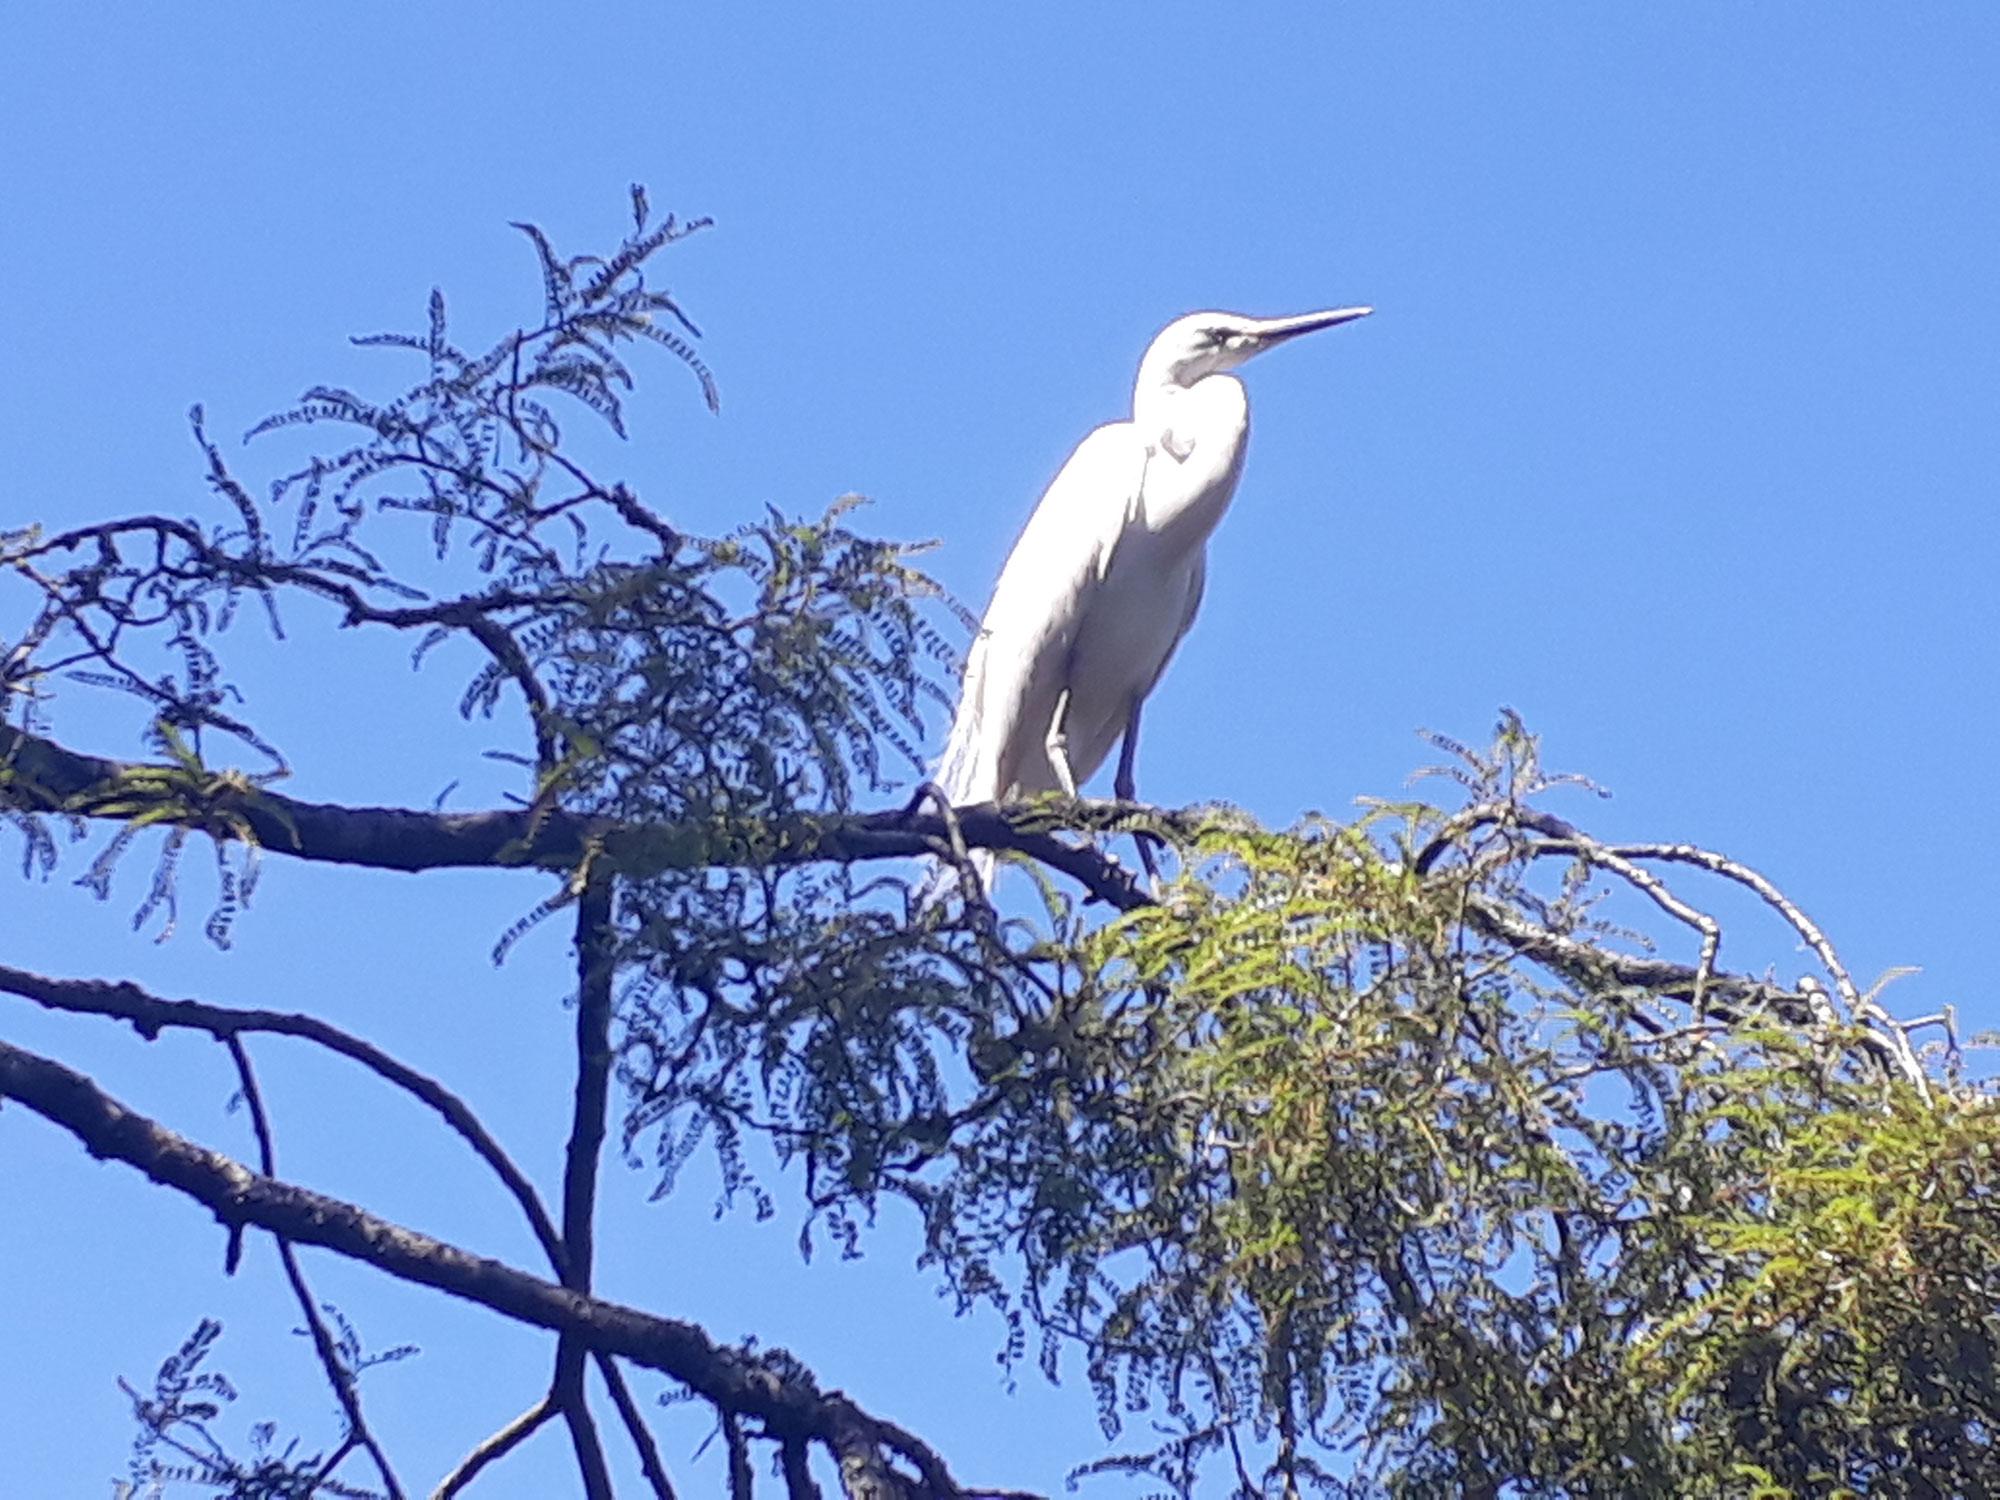 White Heron on our bird watching tour